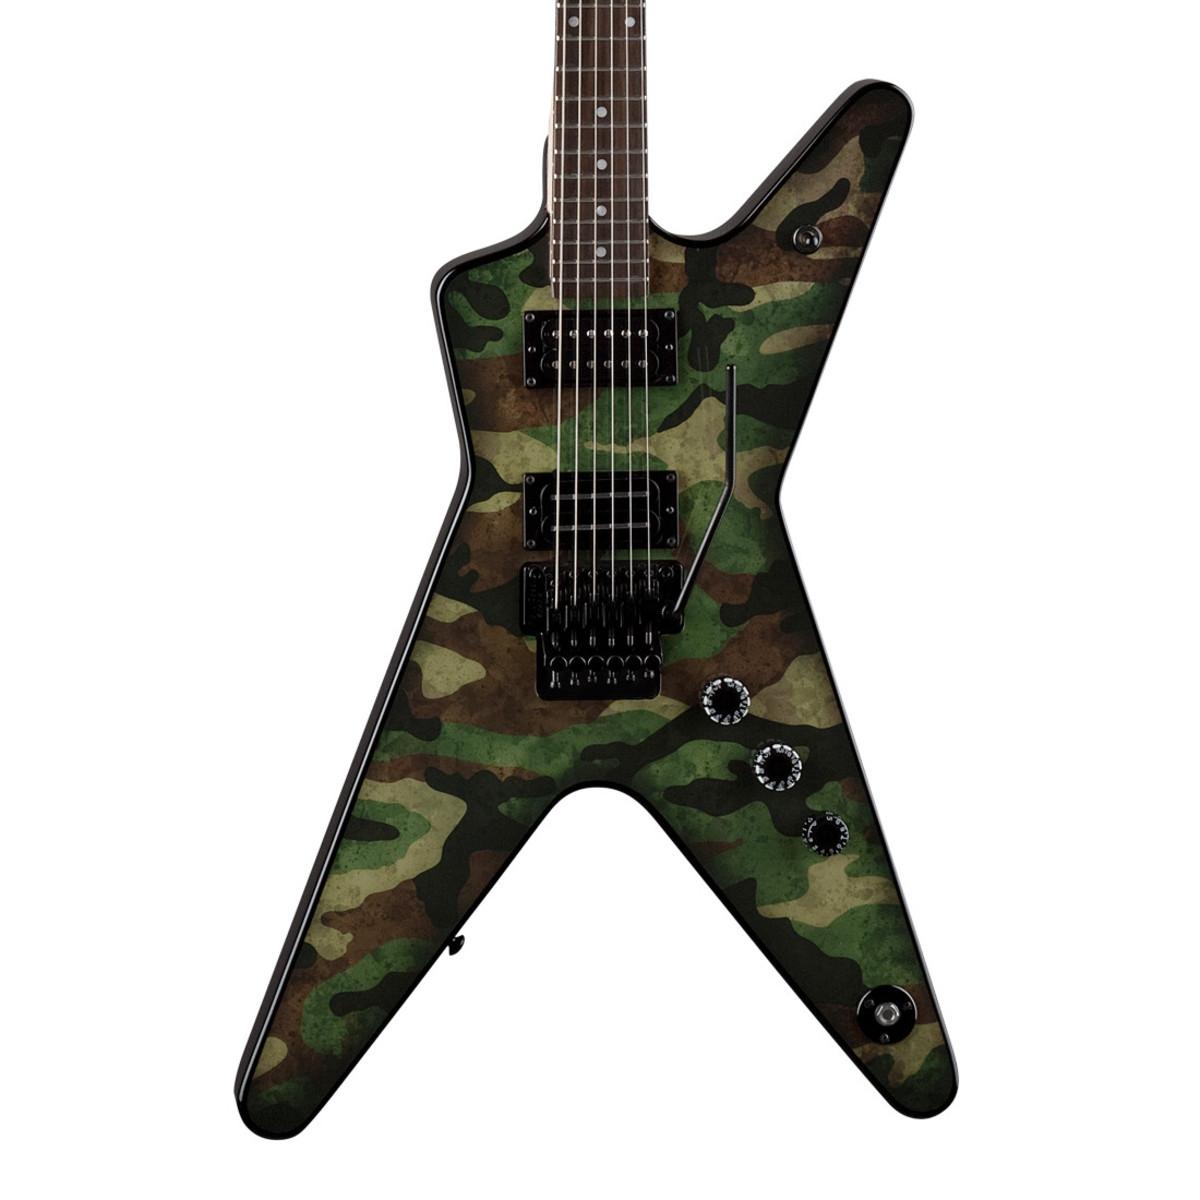 dimebag darrell guitar camo - photo #4